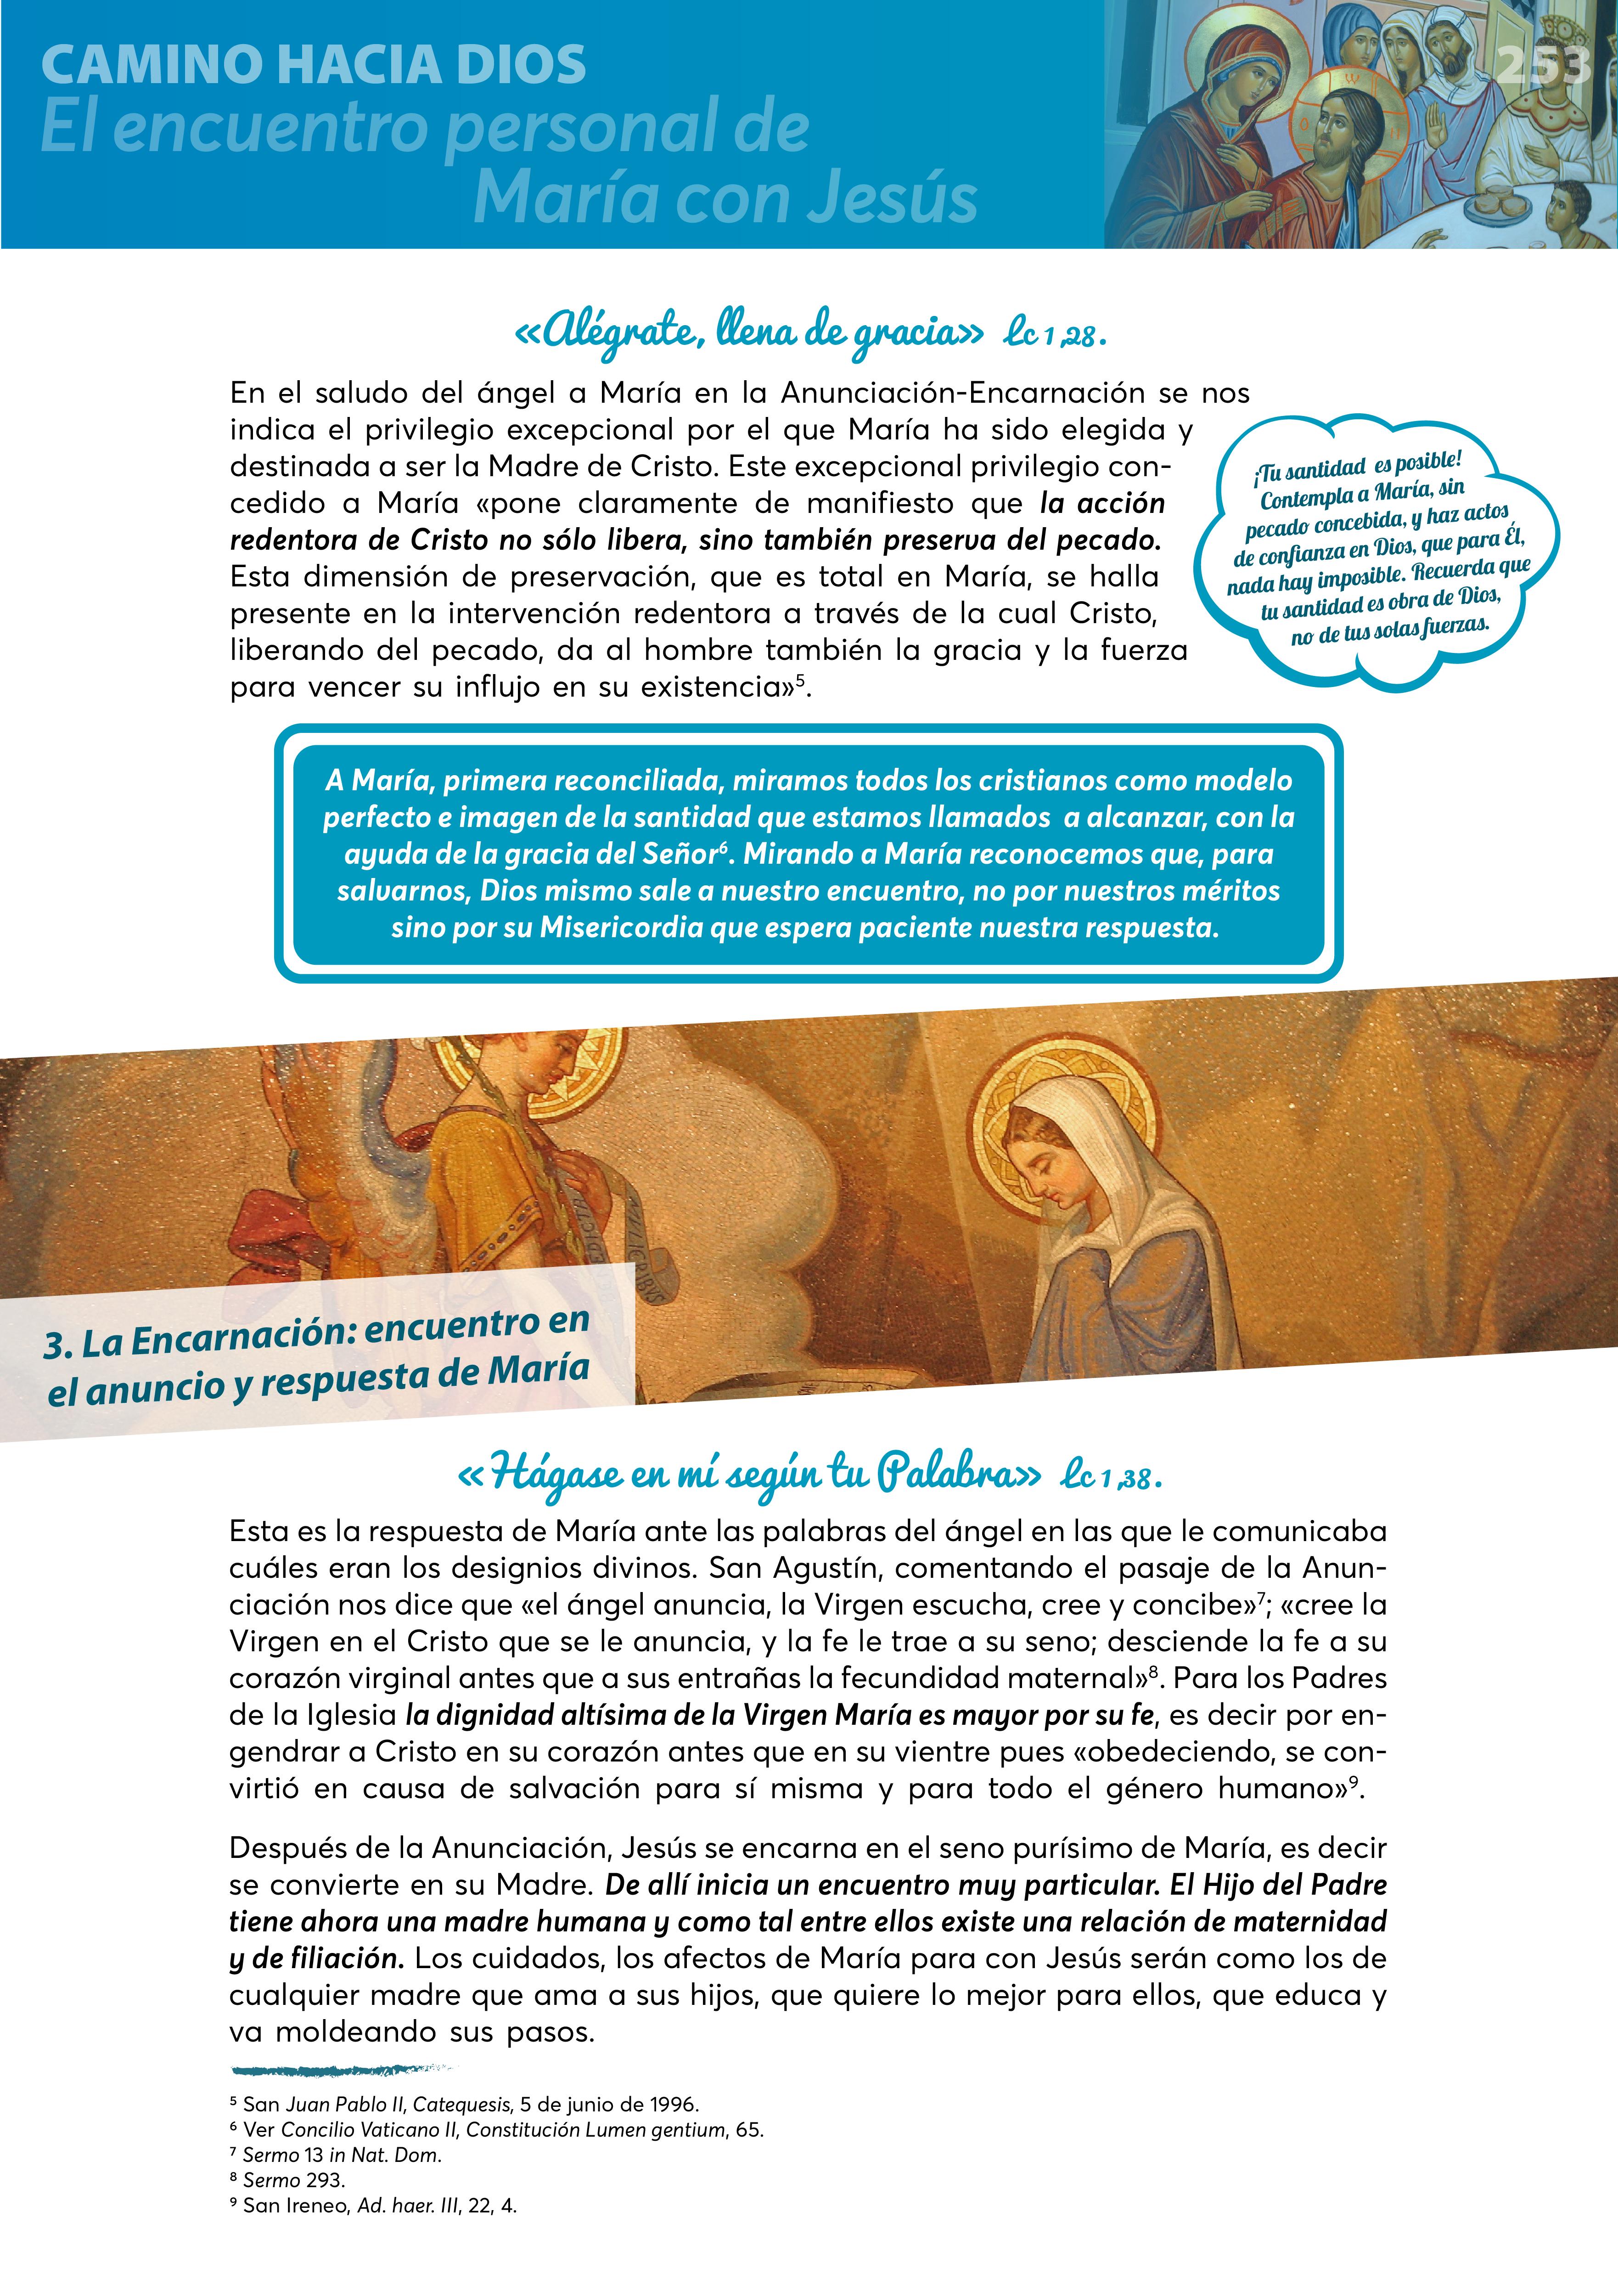 CHD 253 Encuentro de María con Jesús-03